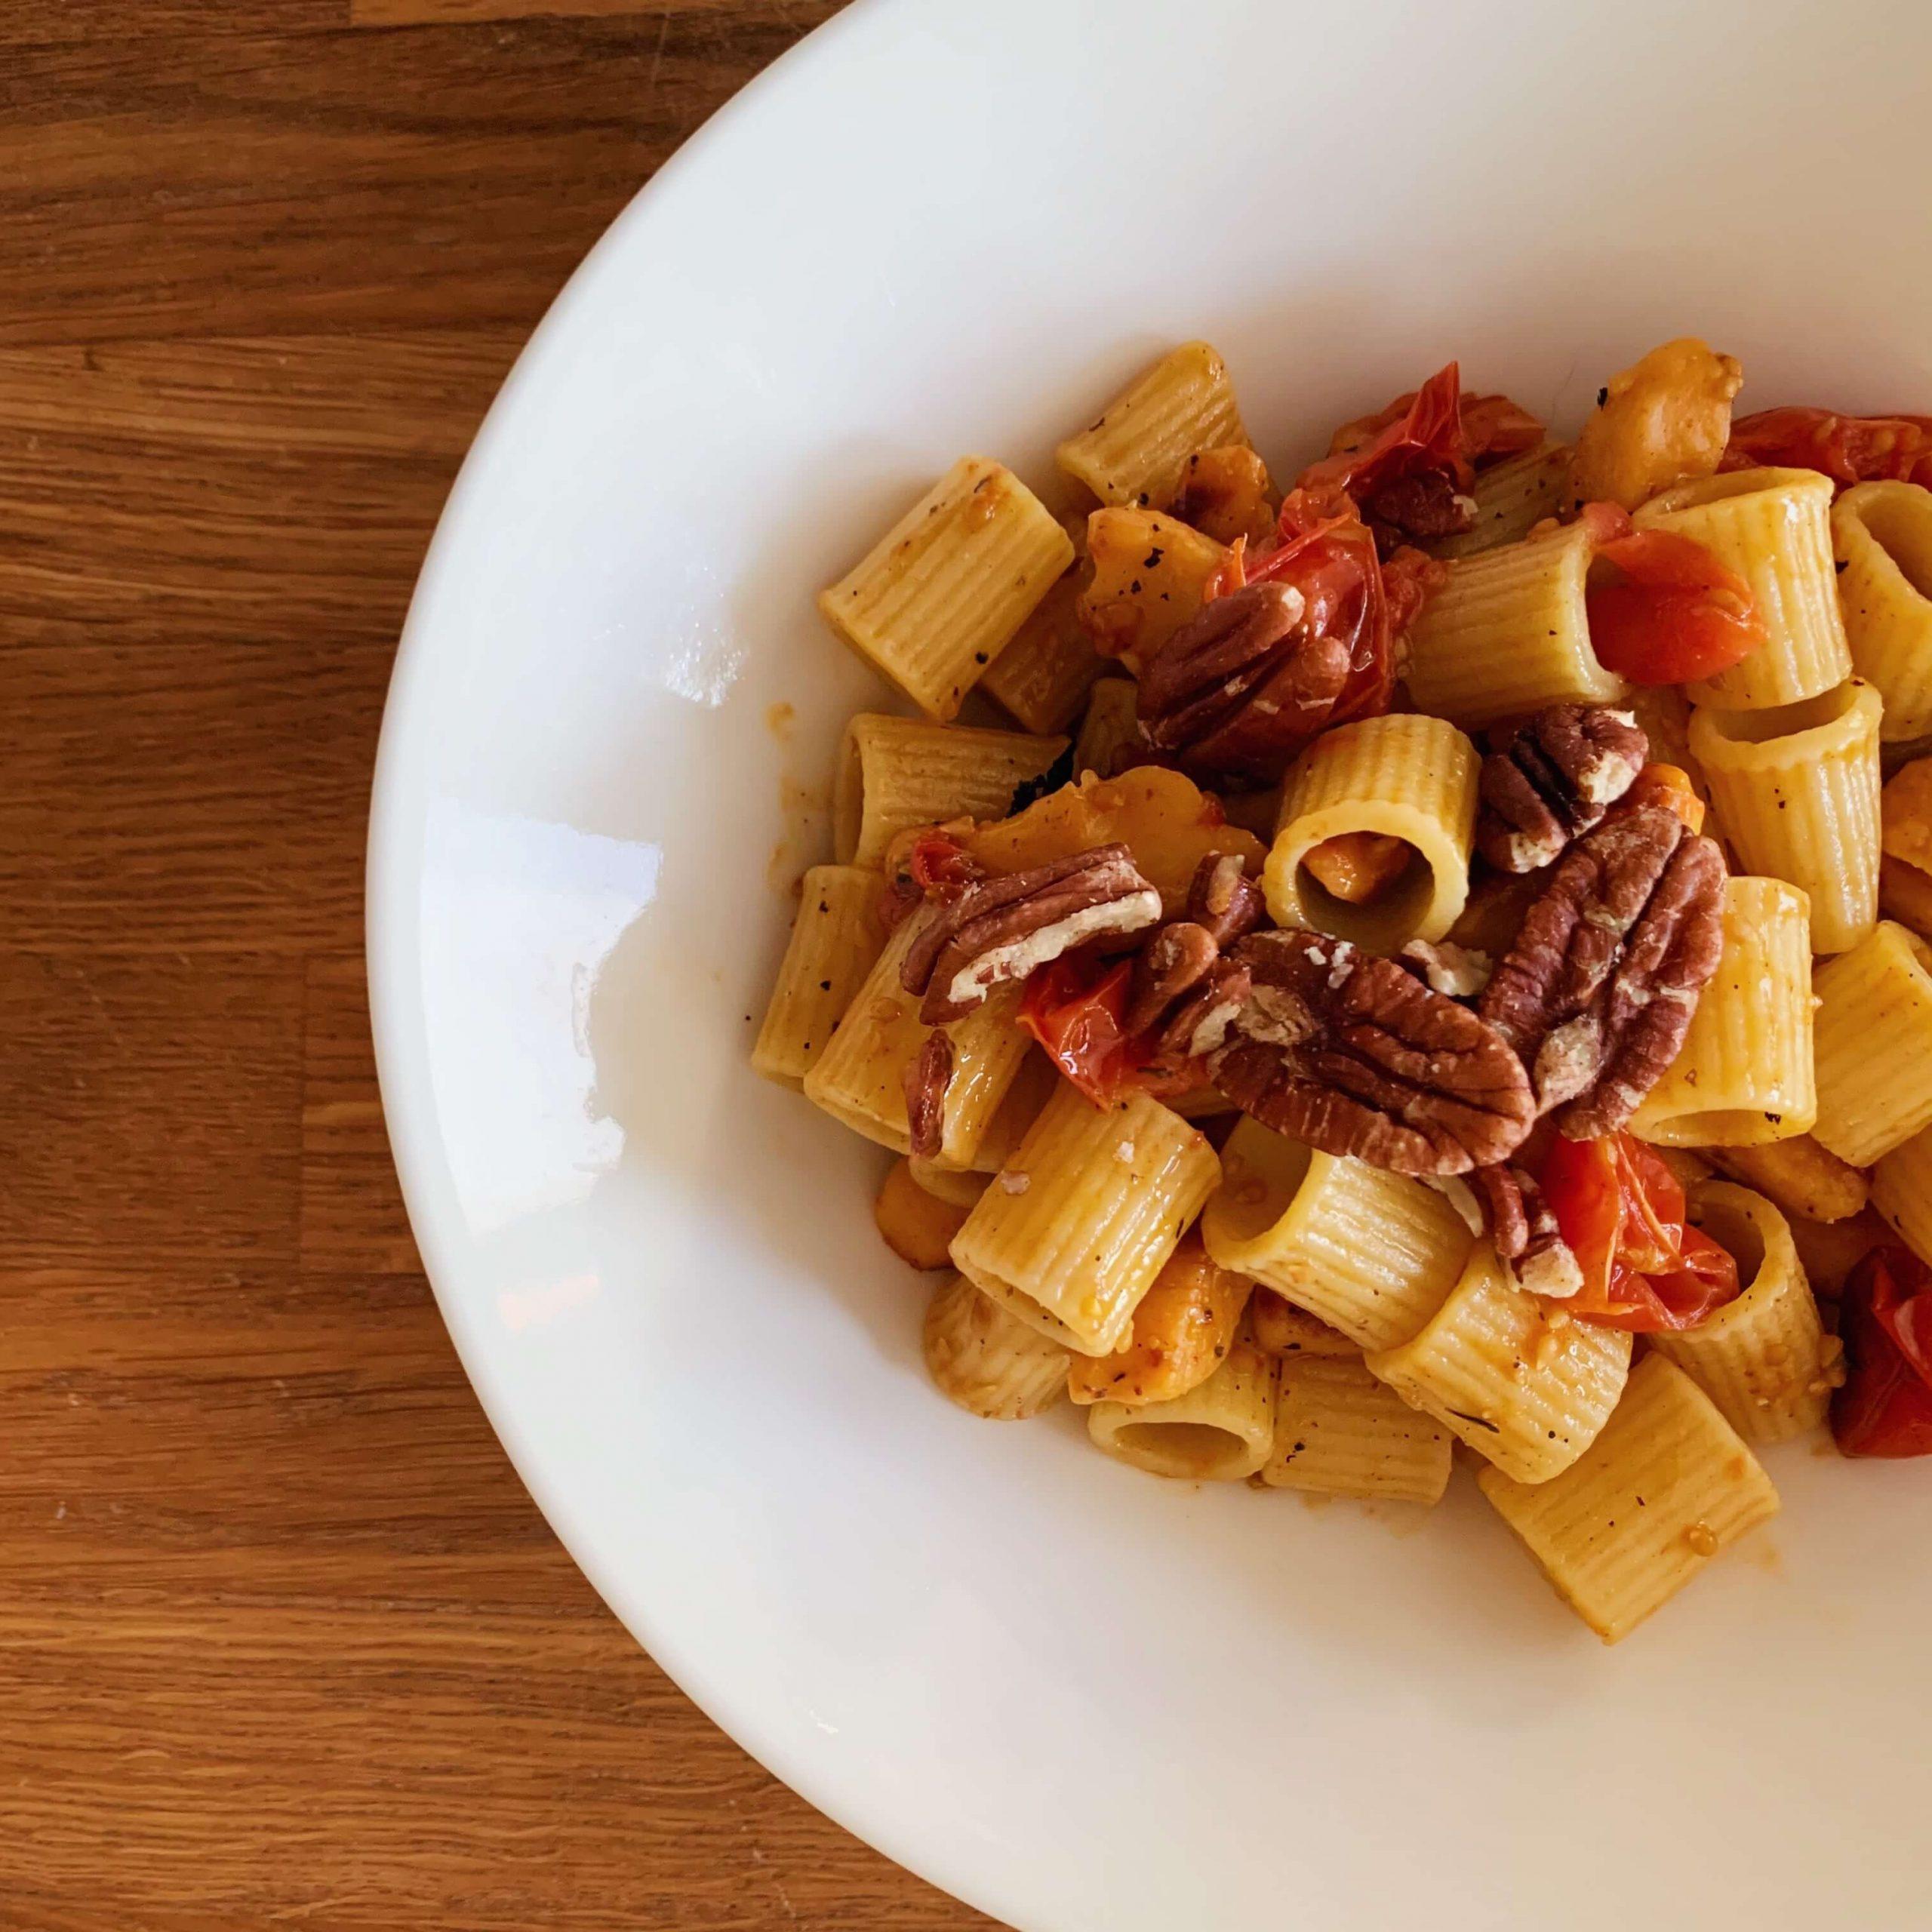 FODMAP nopea pasta paahdettu tomaatti